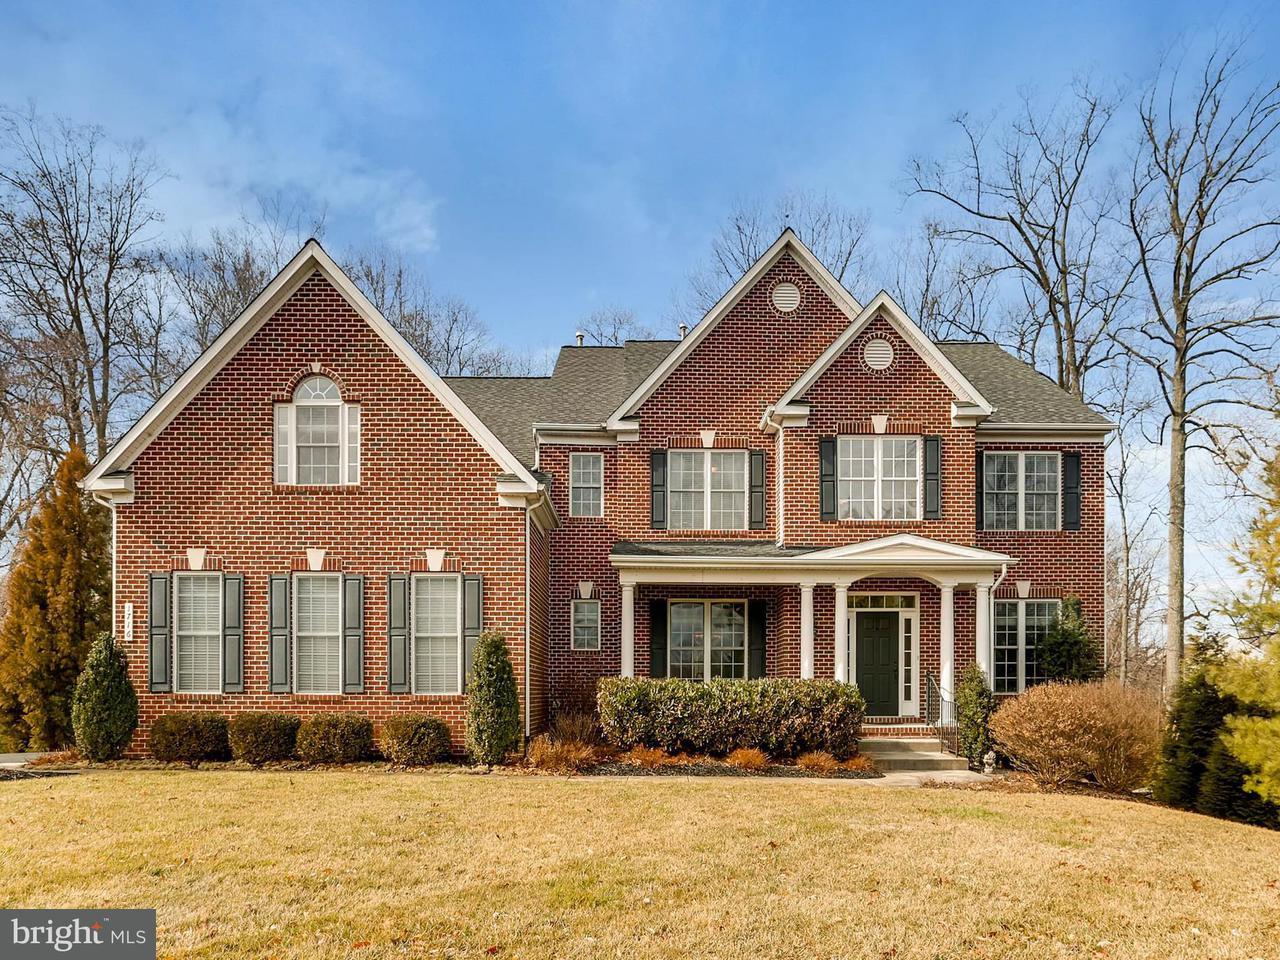 Частный односемейный дом для того Продажа на 1716 Beechview Court 1716 Beechview Court Bel Air, Мэриленд 21015 Соединенные Штаты